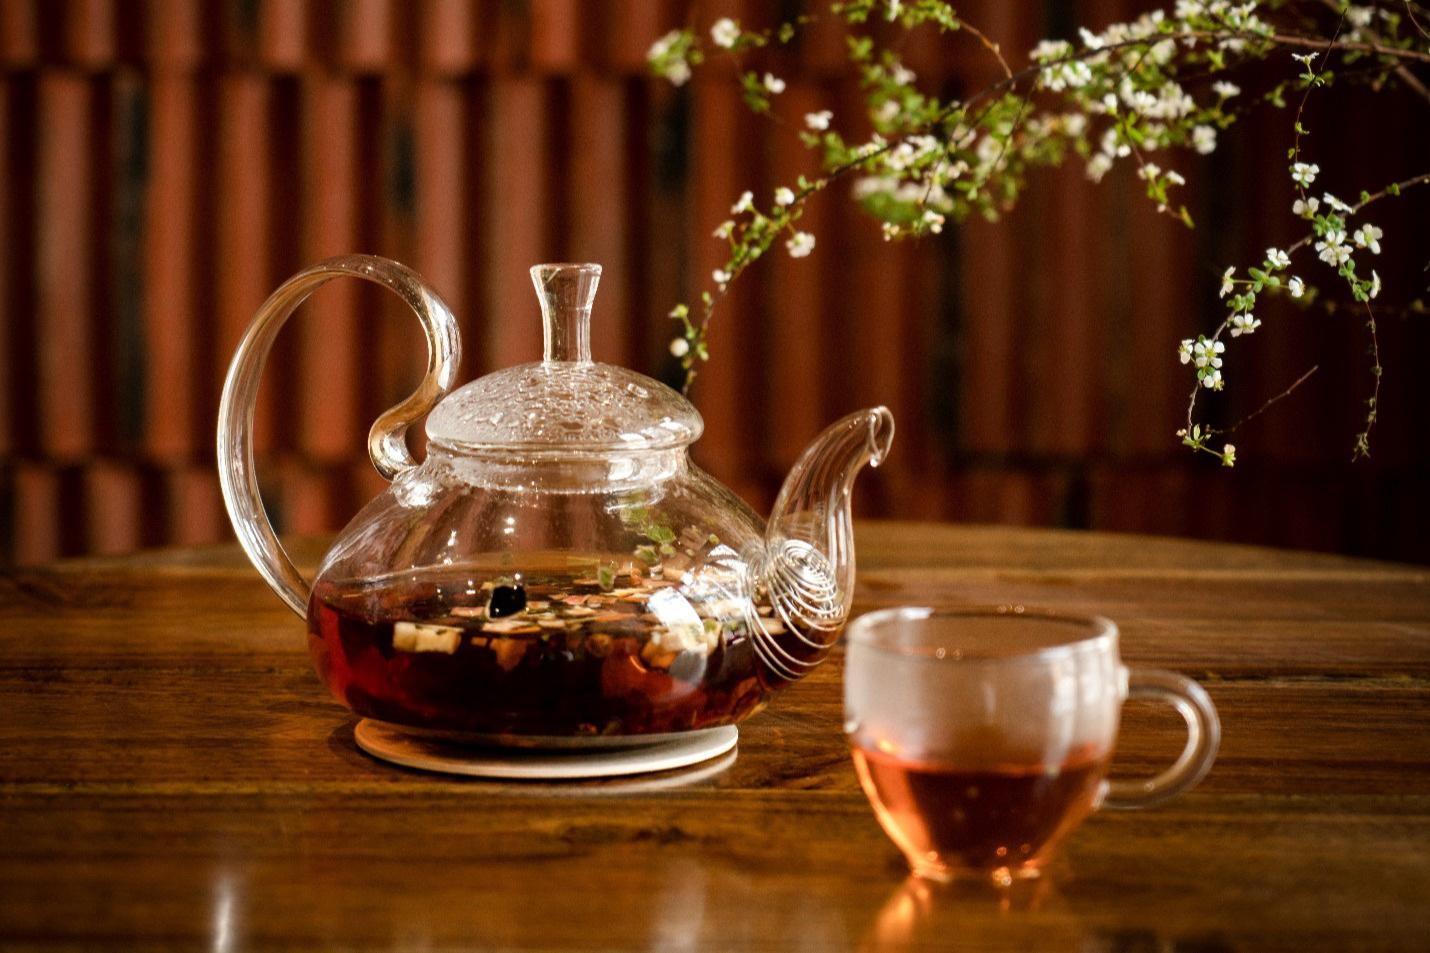 Hương vị mới lạ của trà làm từ vỏ cà phê và bí quyết pha ngon tuyệt